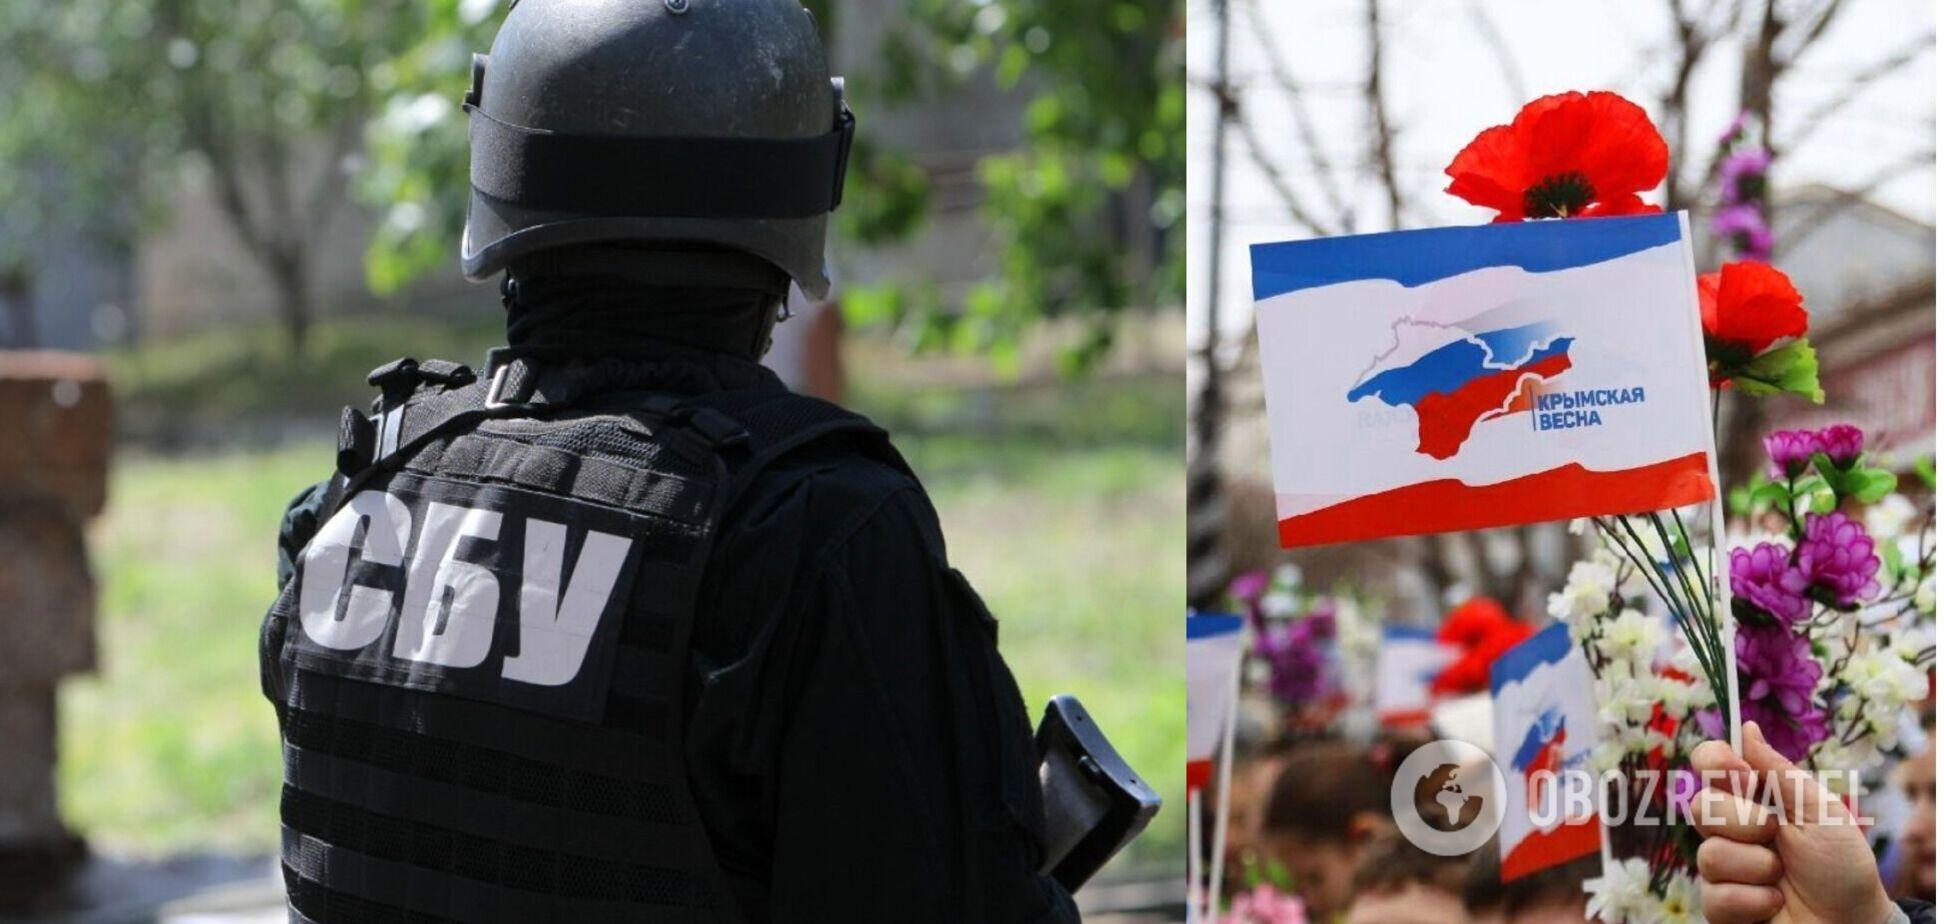 СБУ задержала активиста 'крымской весны'. Фото